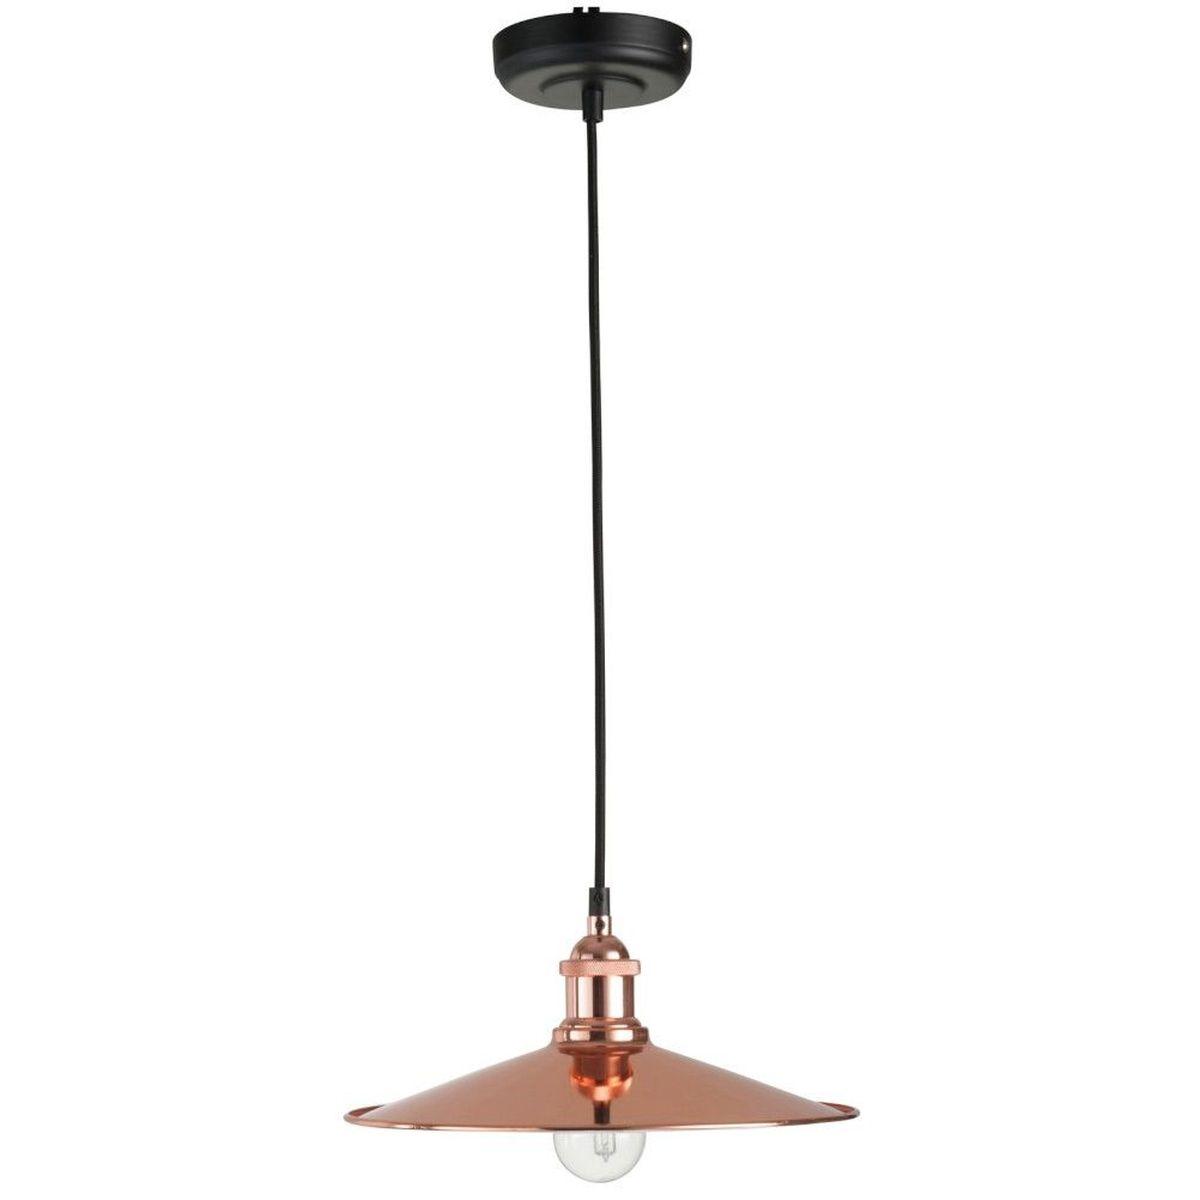 lampe bureau cadeau d coration suspension r tro industrielle en m tal cuivr. Black Bedroom Furniture Sets. Home Design Ideas